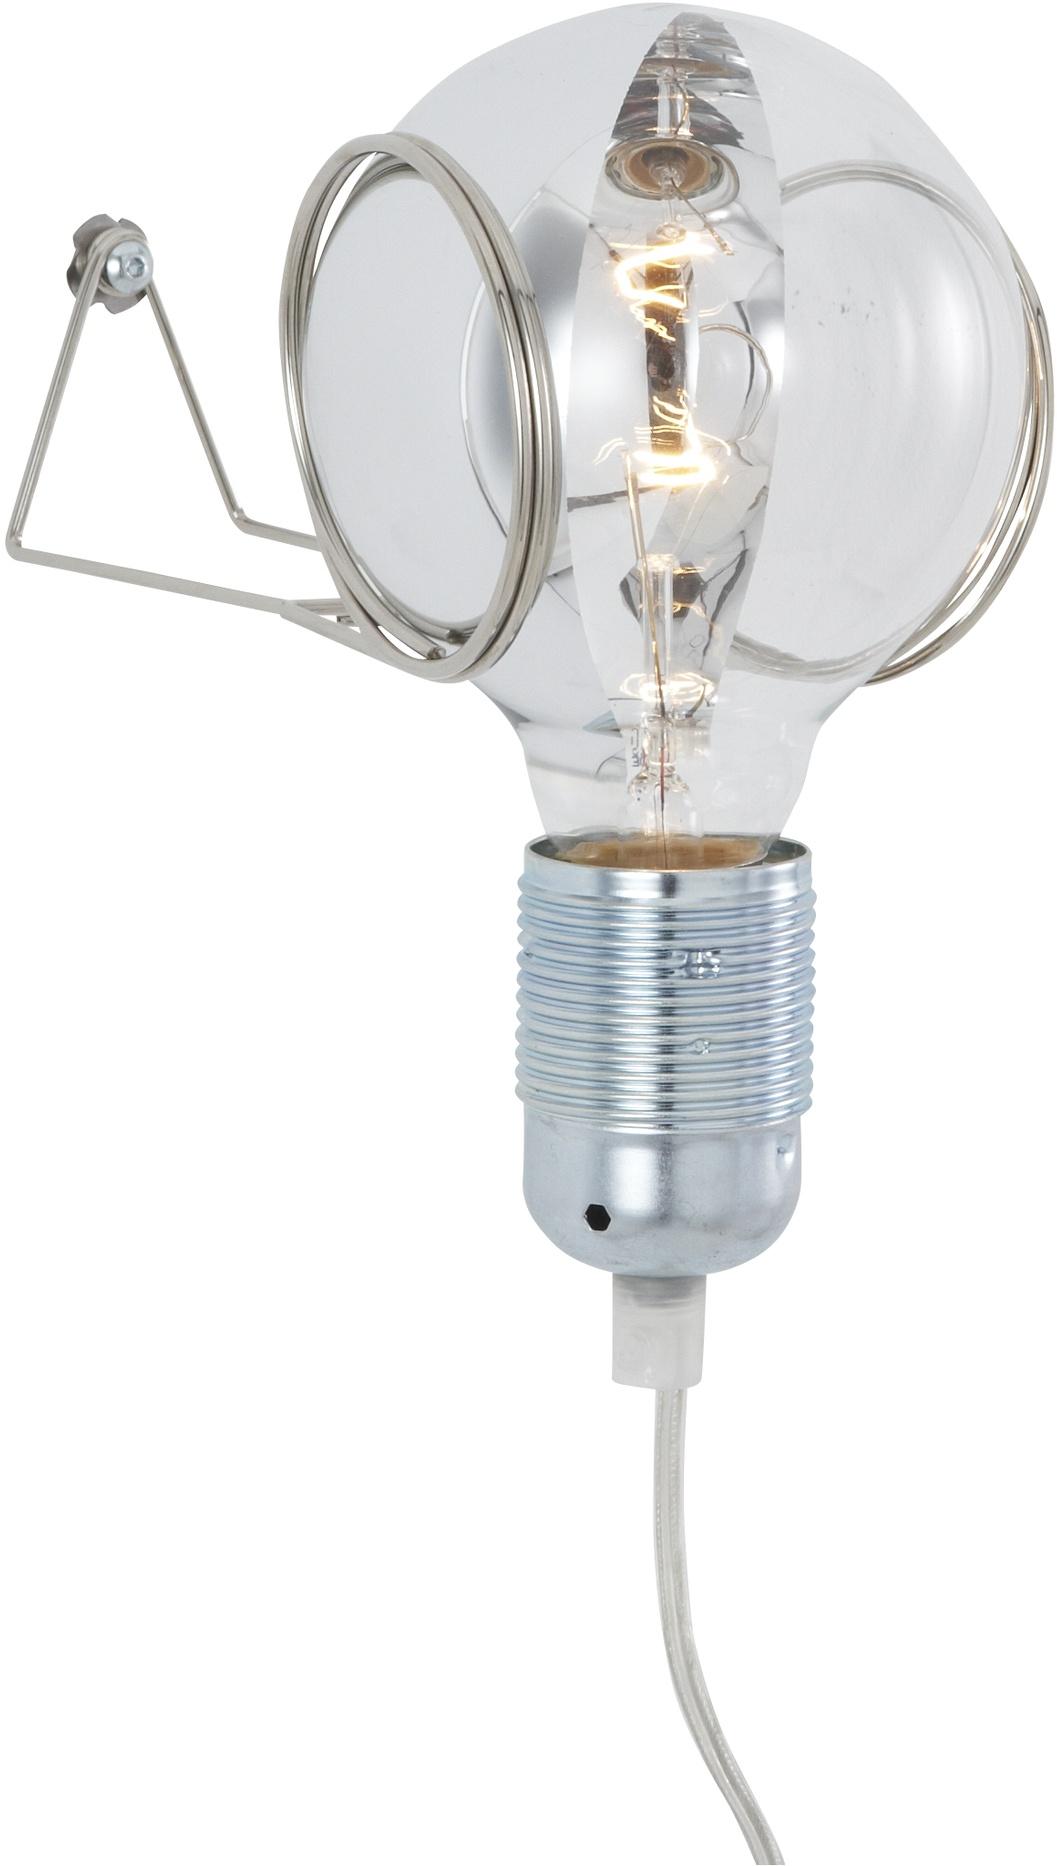 La plic wall lighting designer nathalie dewez ligne roset for La ligne roset